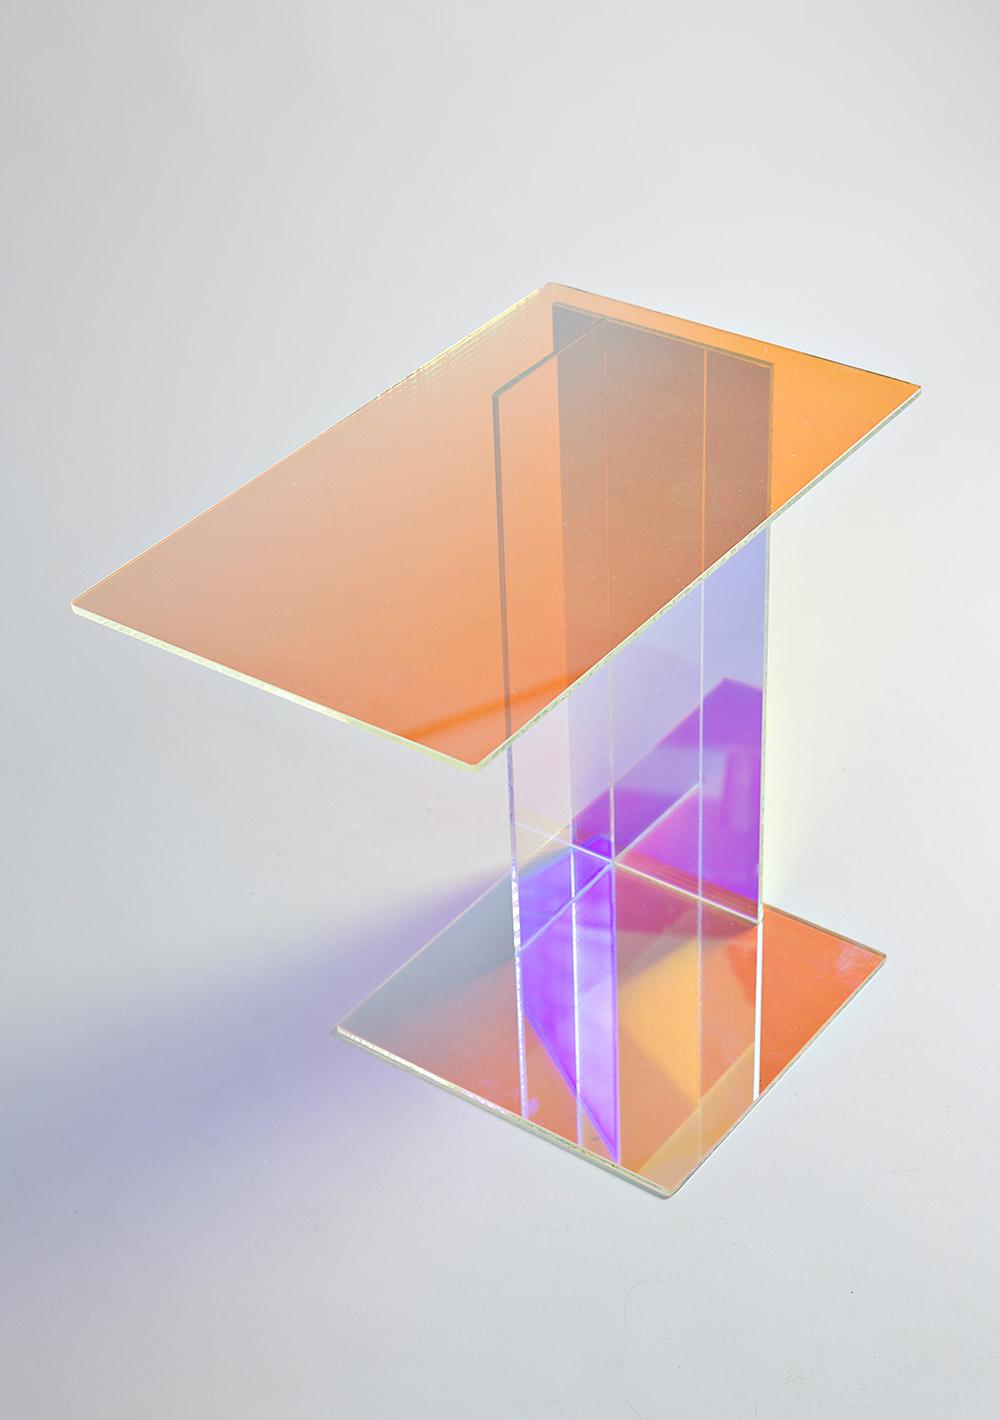 שולחן ספקטרה, סטודיו קוקה. משחקי השתקפויות וצבעים. צילומים: דניאל שכטר